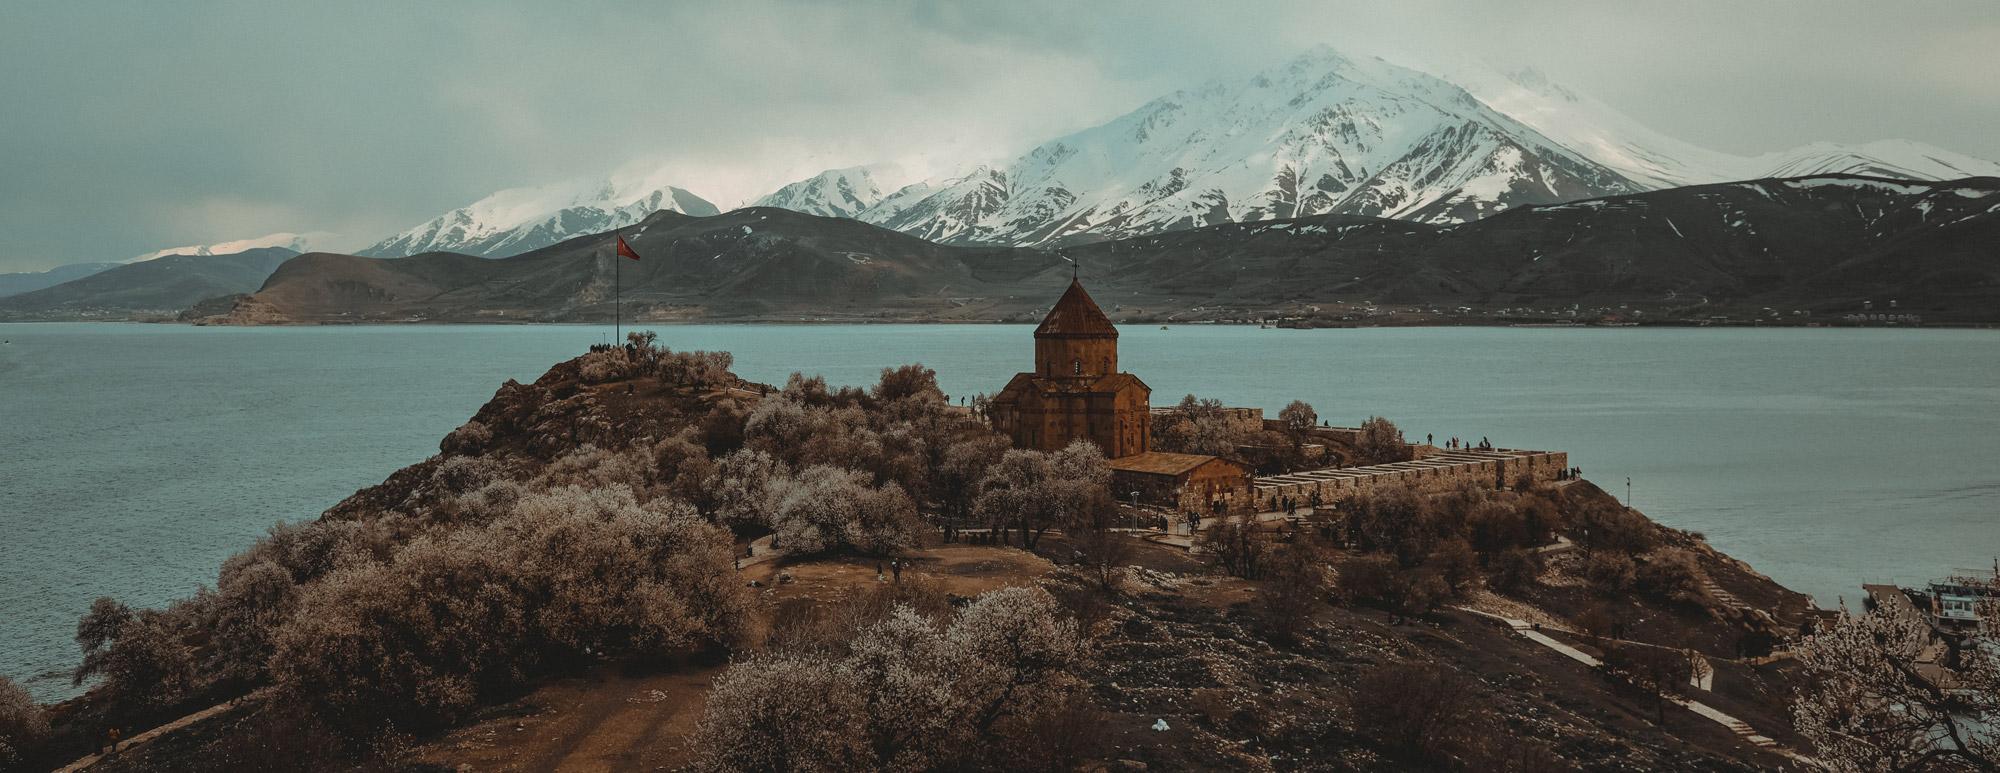 Op mijn wishlist: Zuidoost-Anatolië - Vanmeer